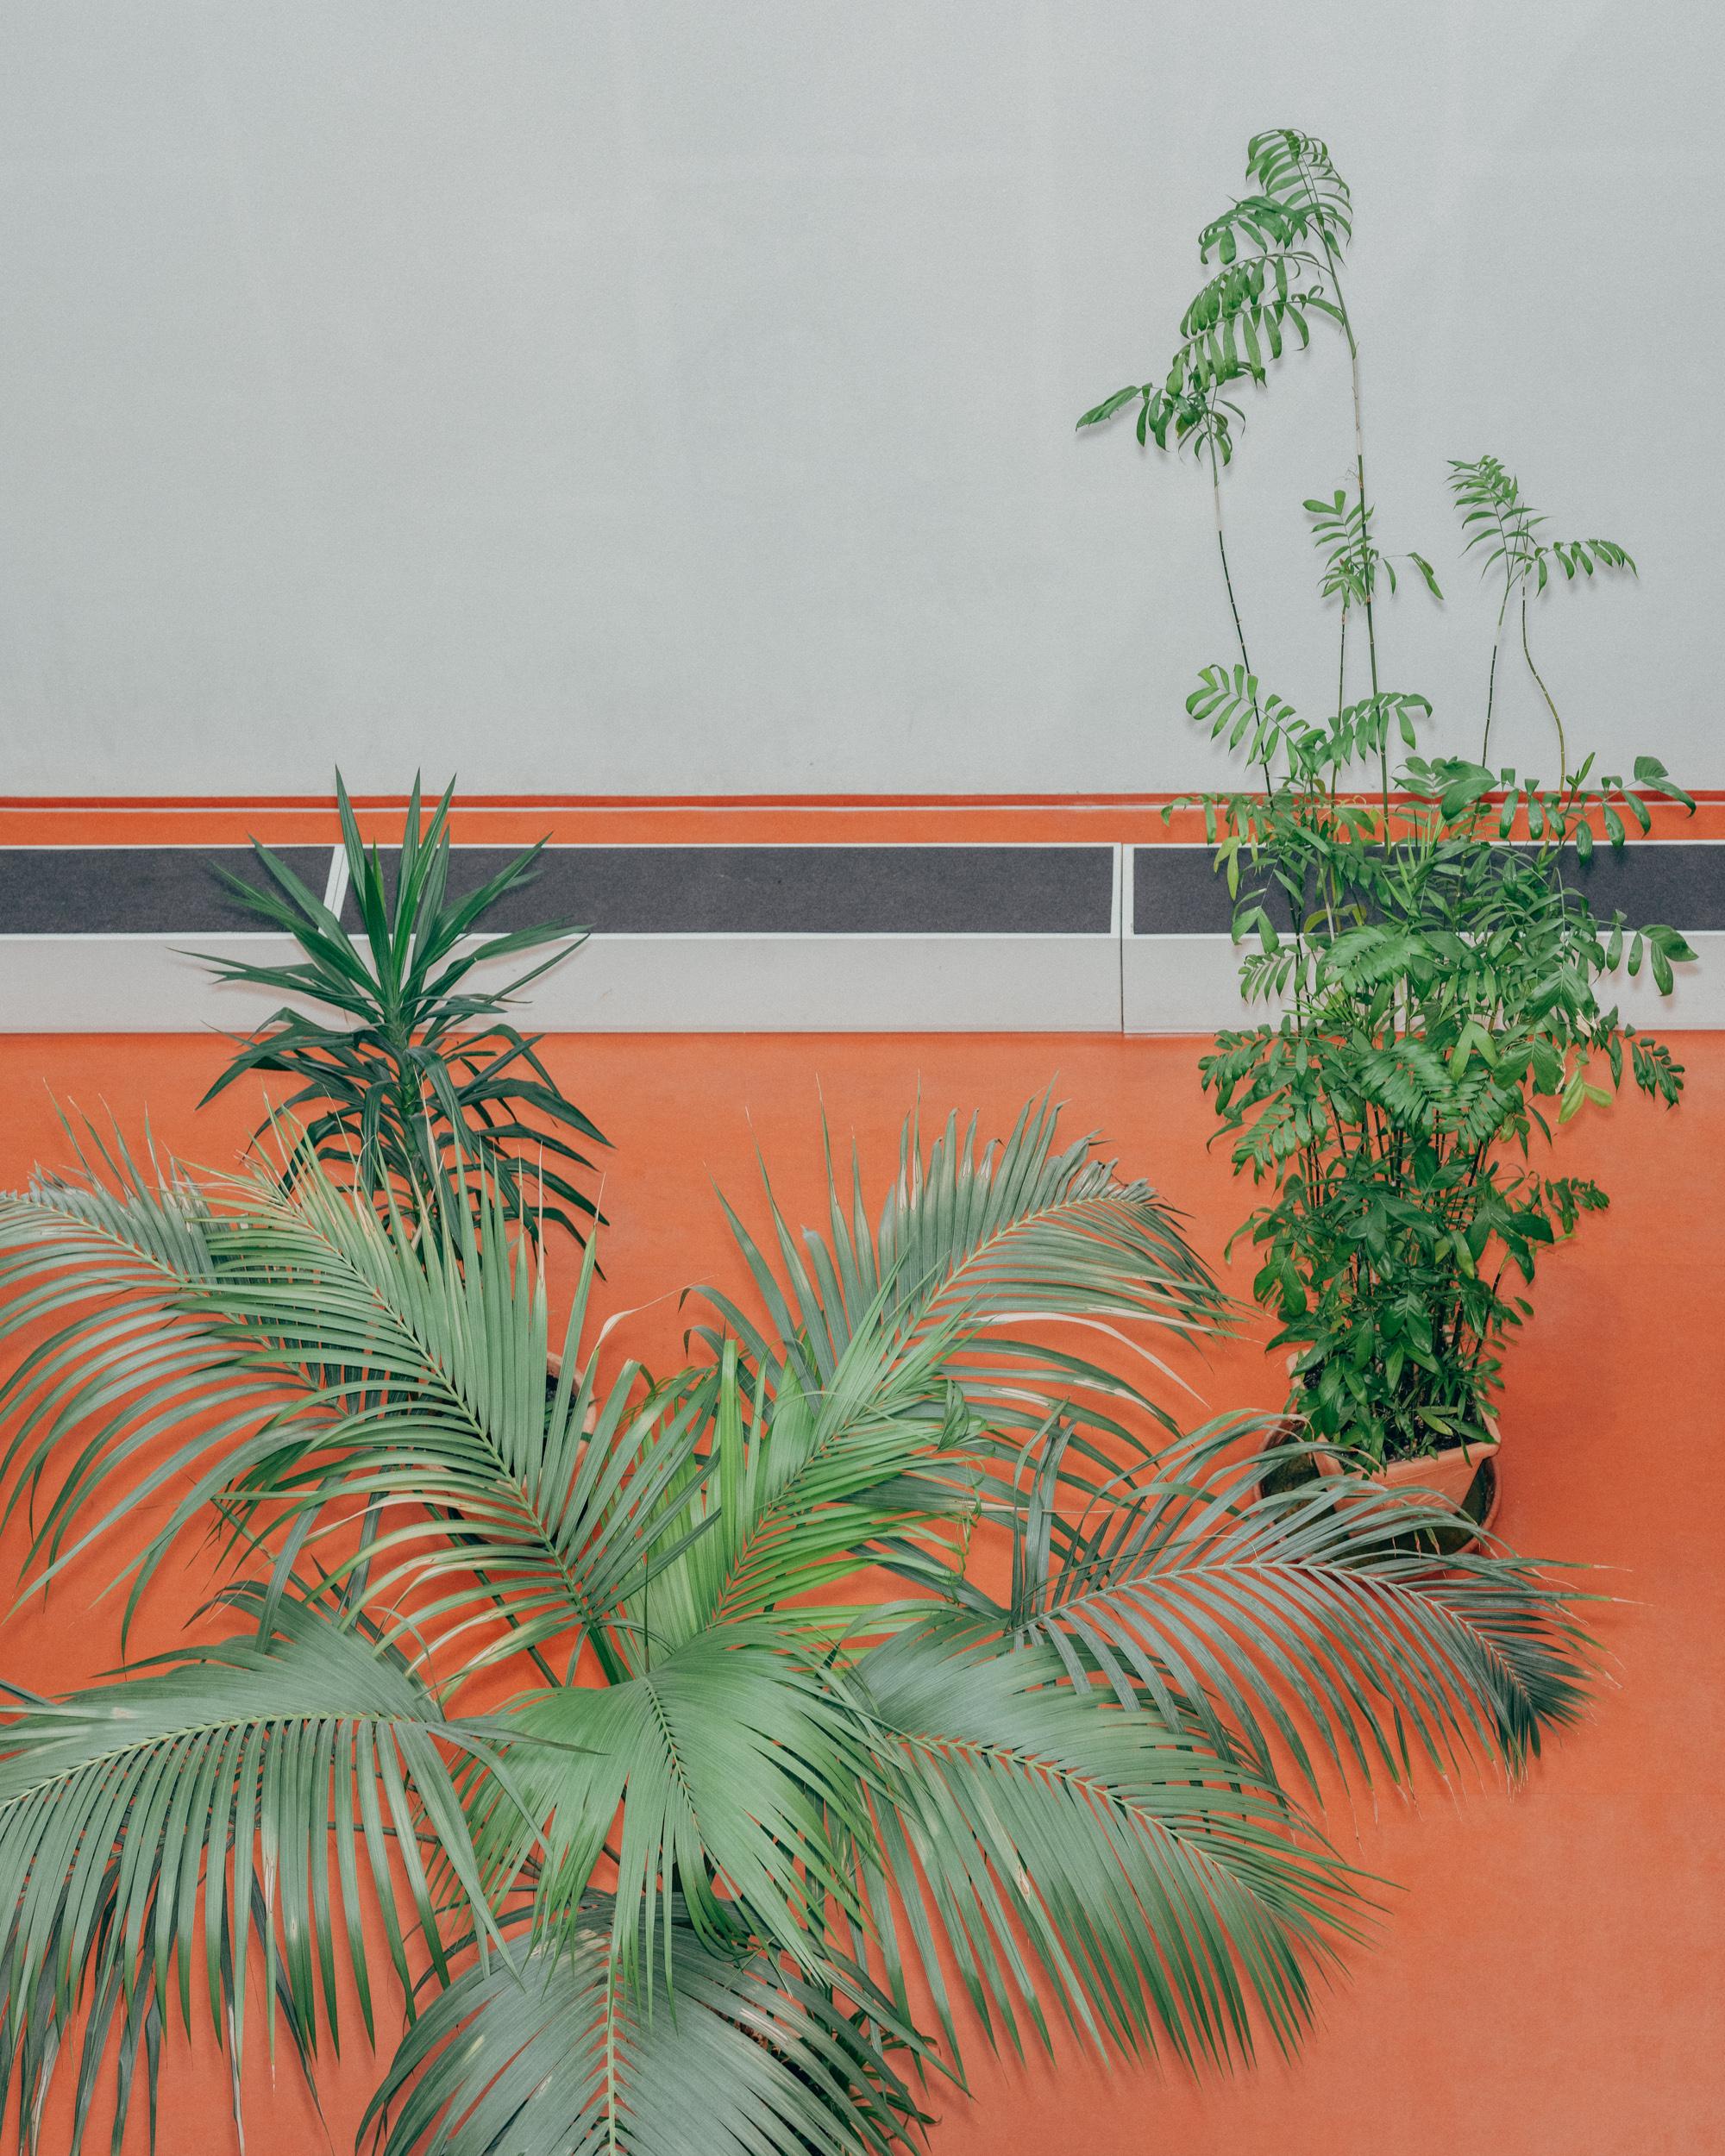 Die Panoramaschule wurde im Jahr 2011/2012 als zweite staatliche Schule mit dem Förderschwerpunkt geistige Entwicklung gebaut. Die Schule ist hell, freundlich und weitläufig. Pflanzen stehen im Atrium wo auch regelmässig Veranstaltungen wie zum Beispiel Konzerte, statt finden. Foto: Mario Wezel